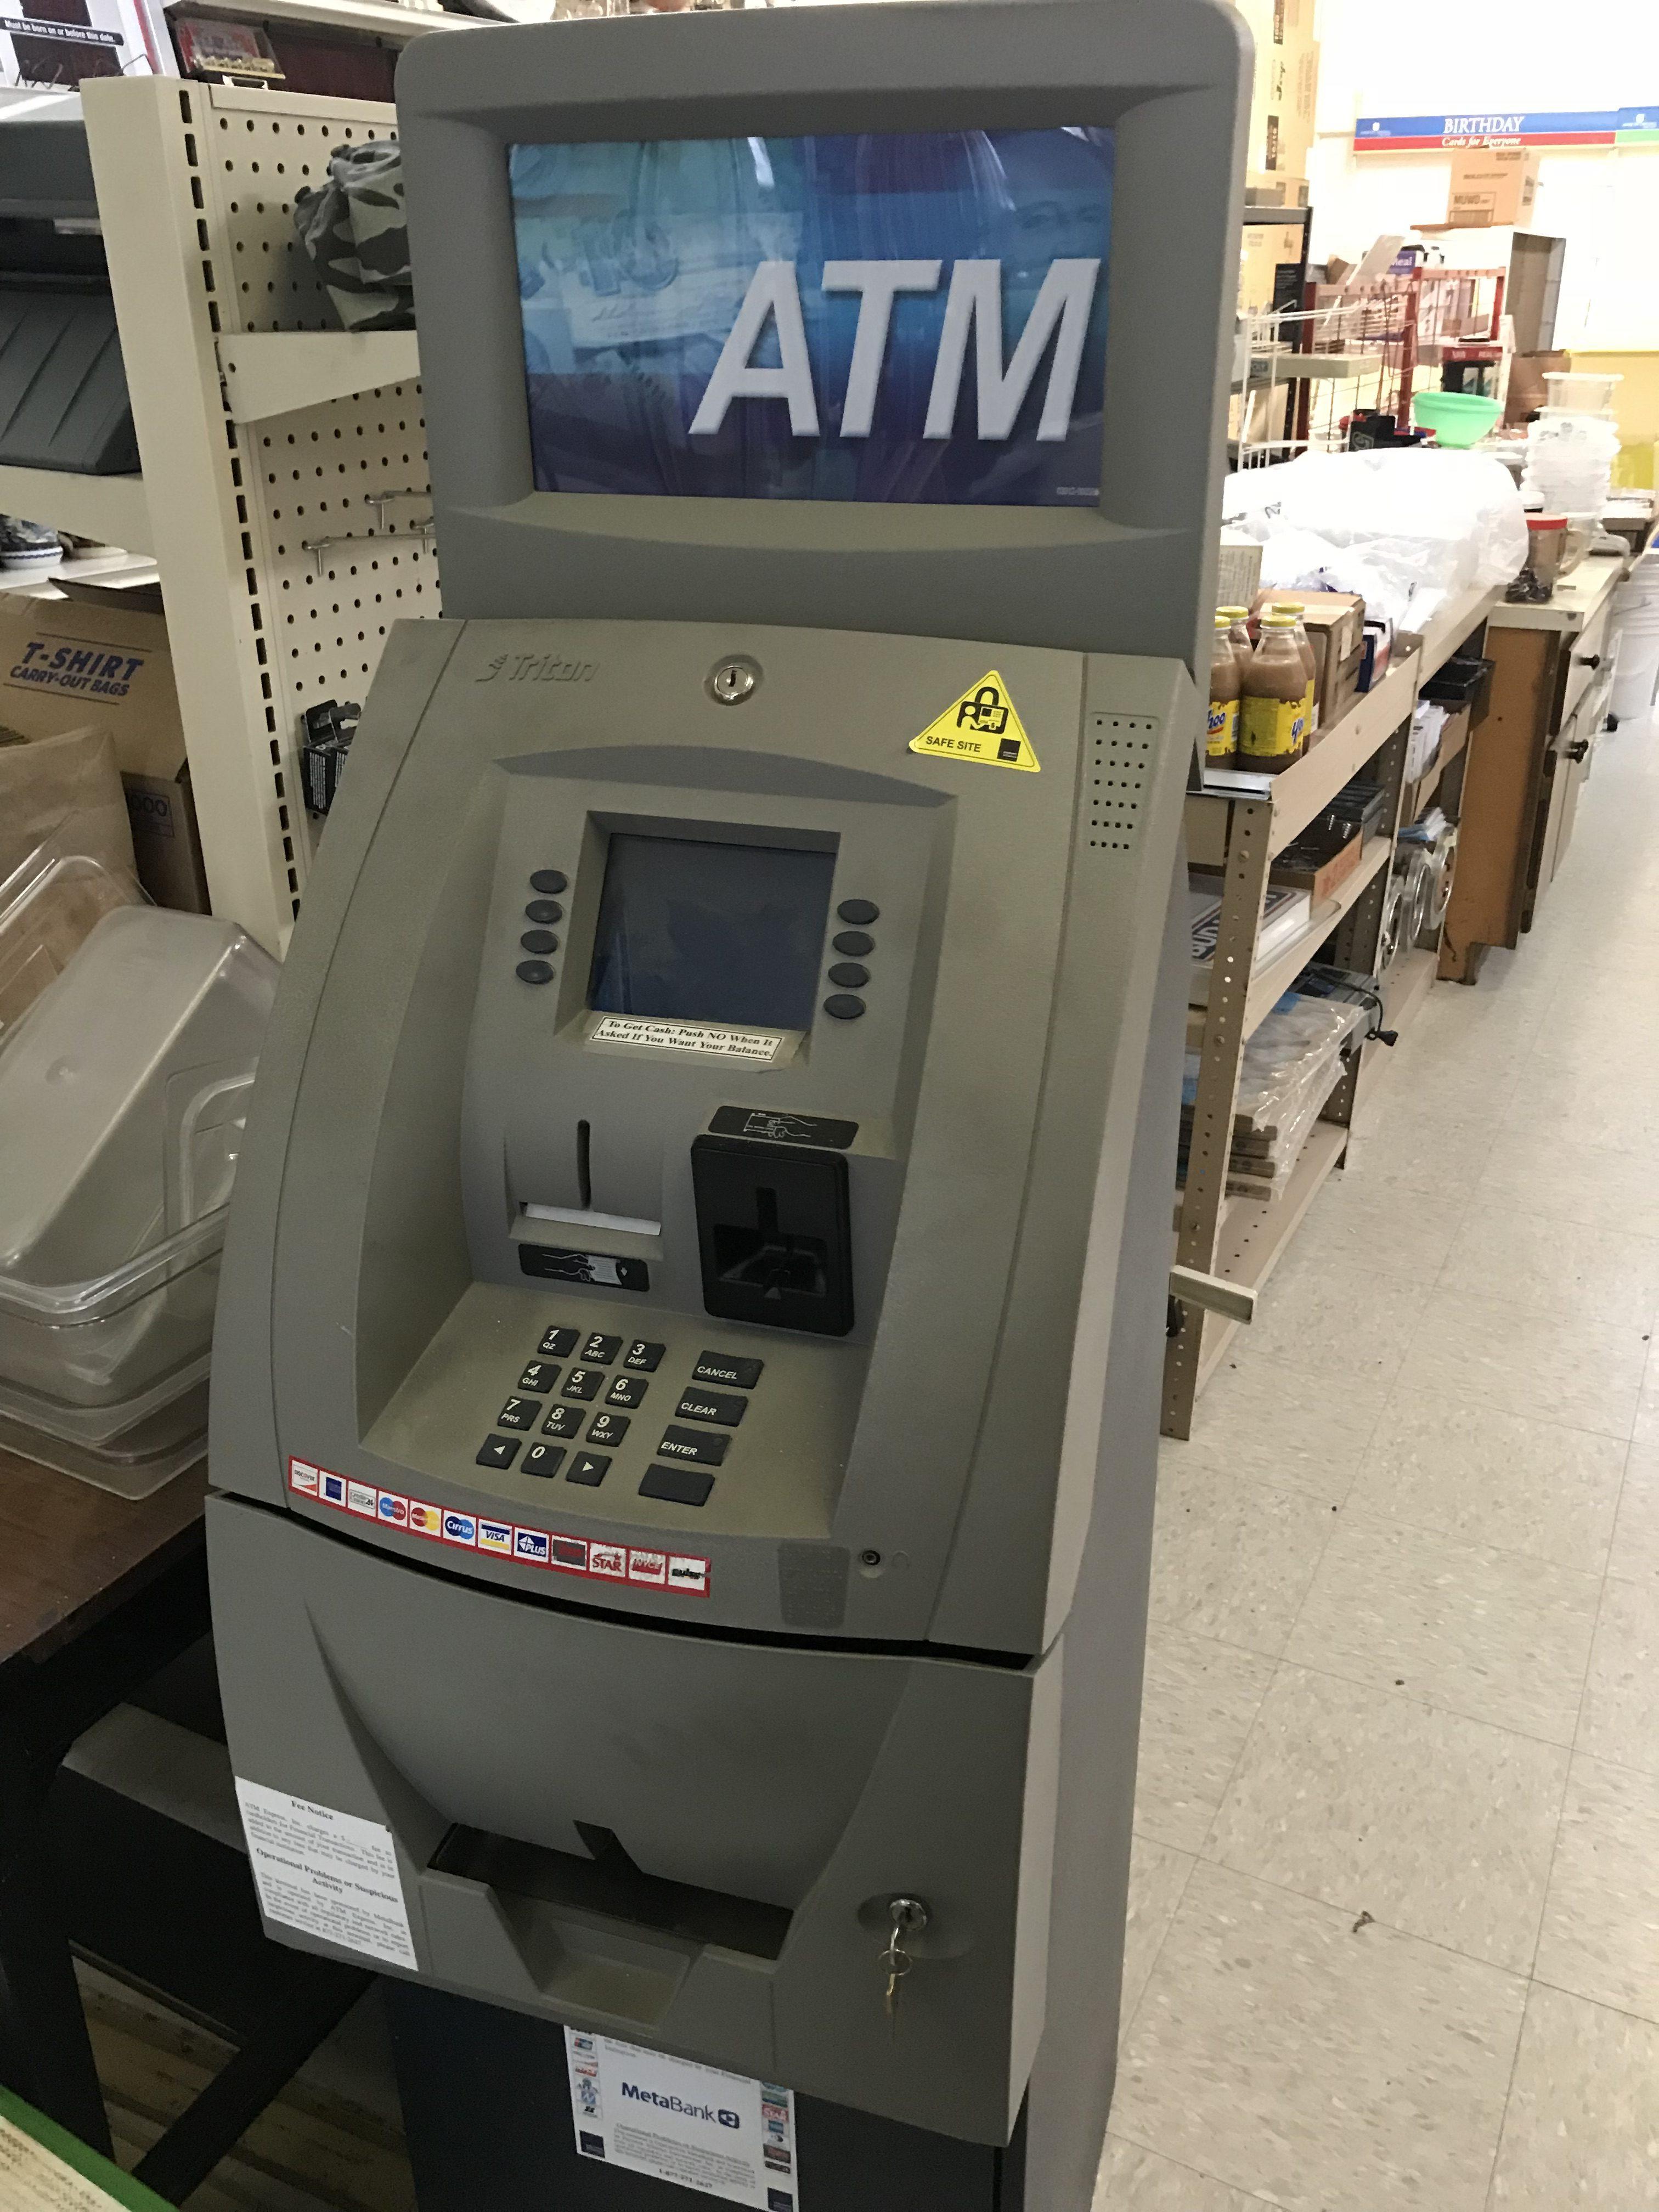 Triton-Model-9100-ATM-Machine-e1519071415977.jpg